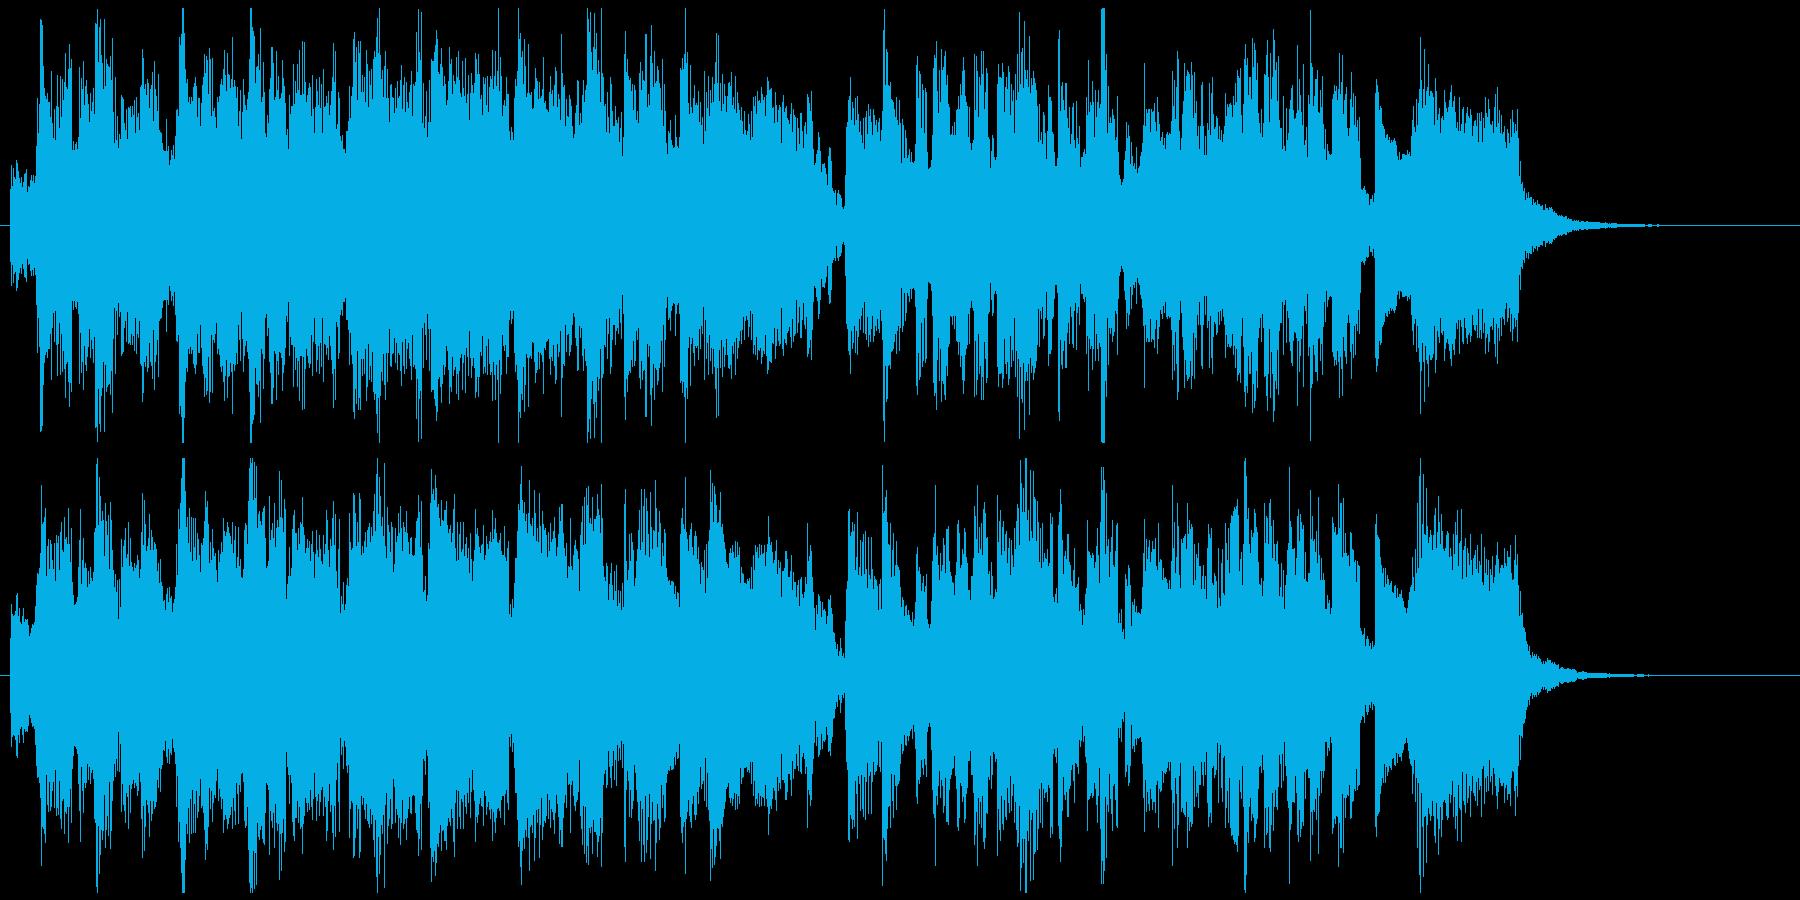 CM向け15秒ジャズ■ベーシックな王道系の再生済みの波形